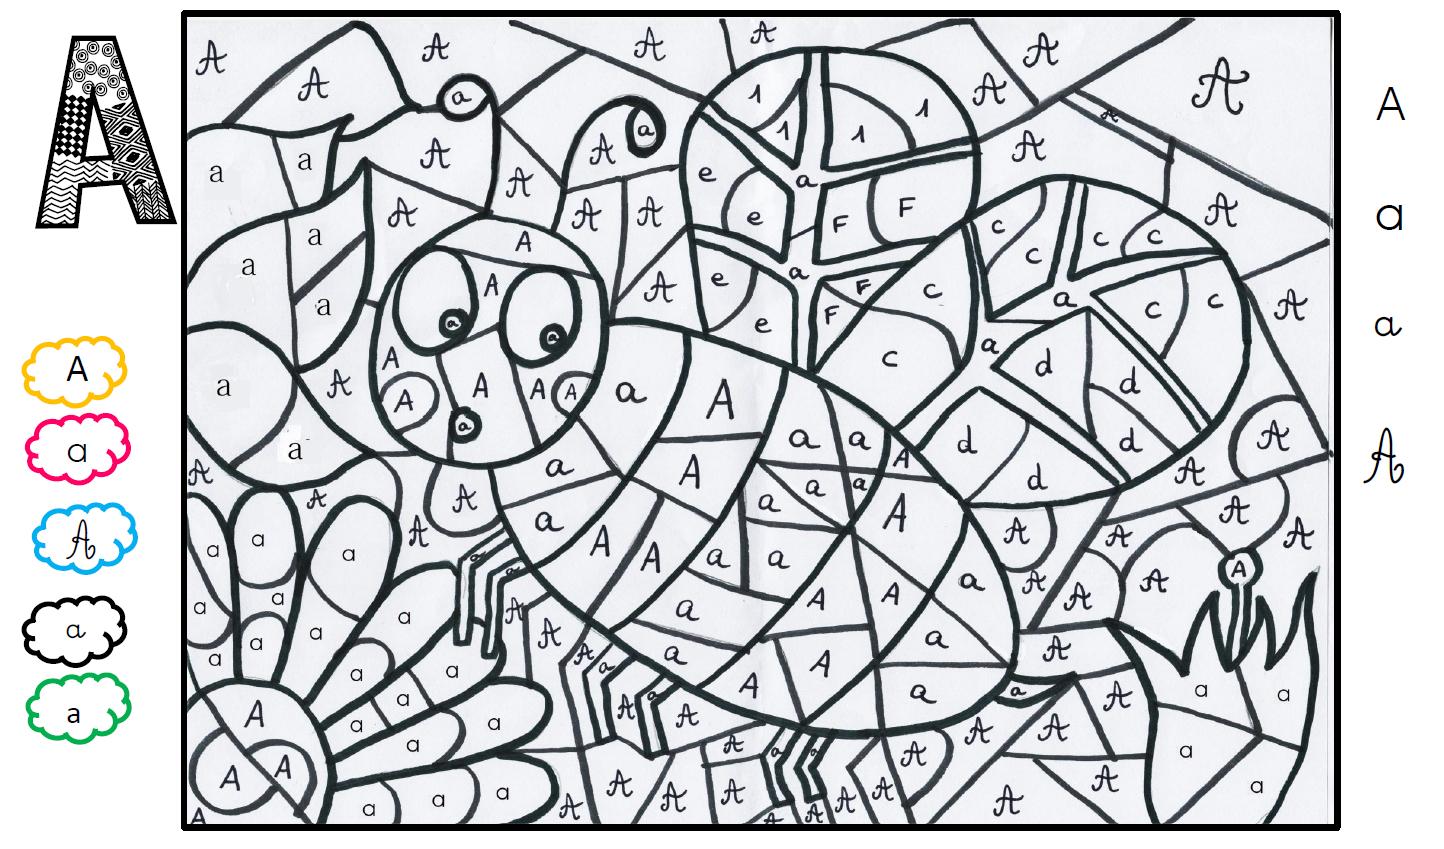 Un Abécédaire En Coloriage Magique (Partie 1) - La Maîtresse avec Coloriage Numéroté Maternelle